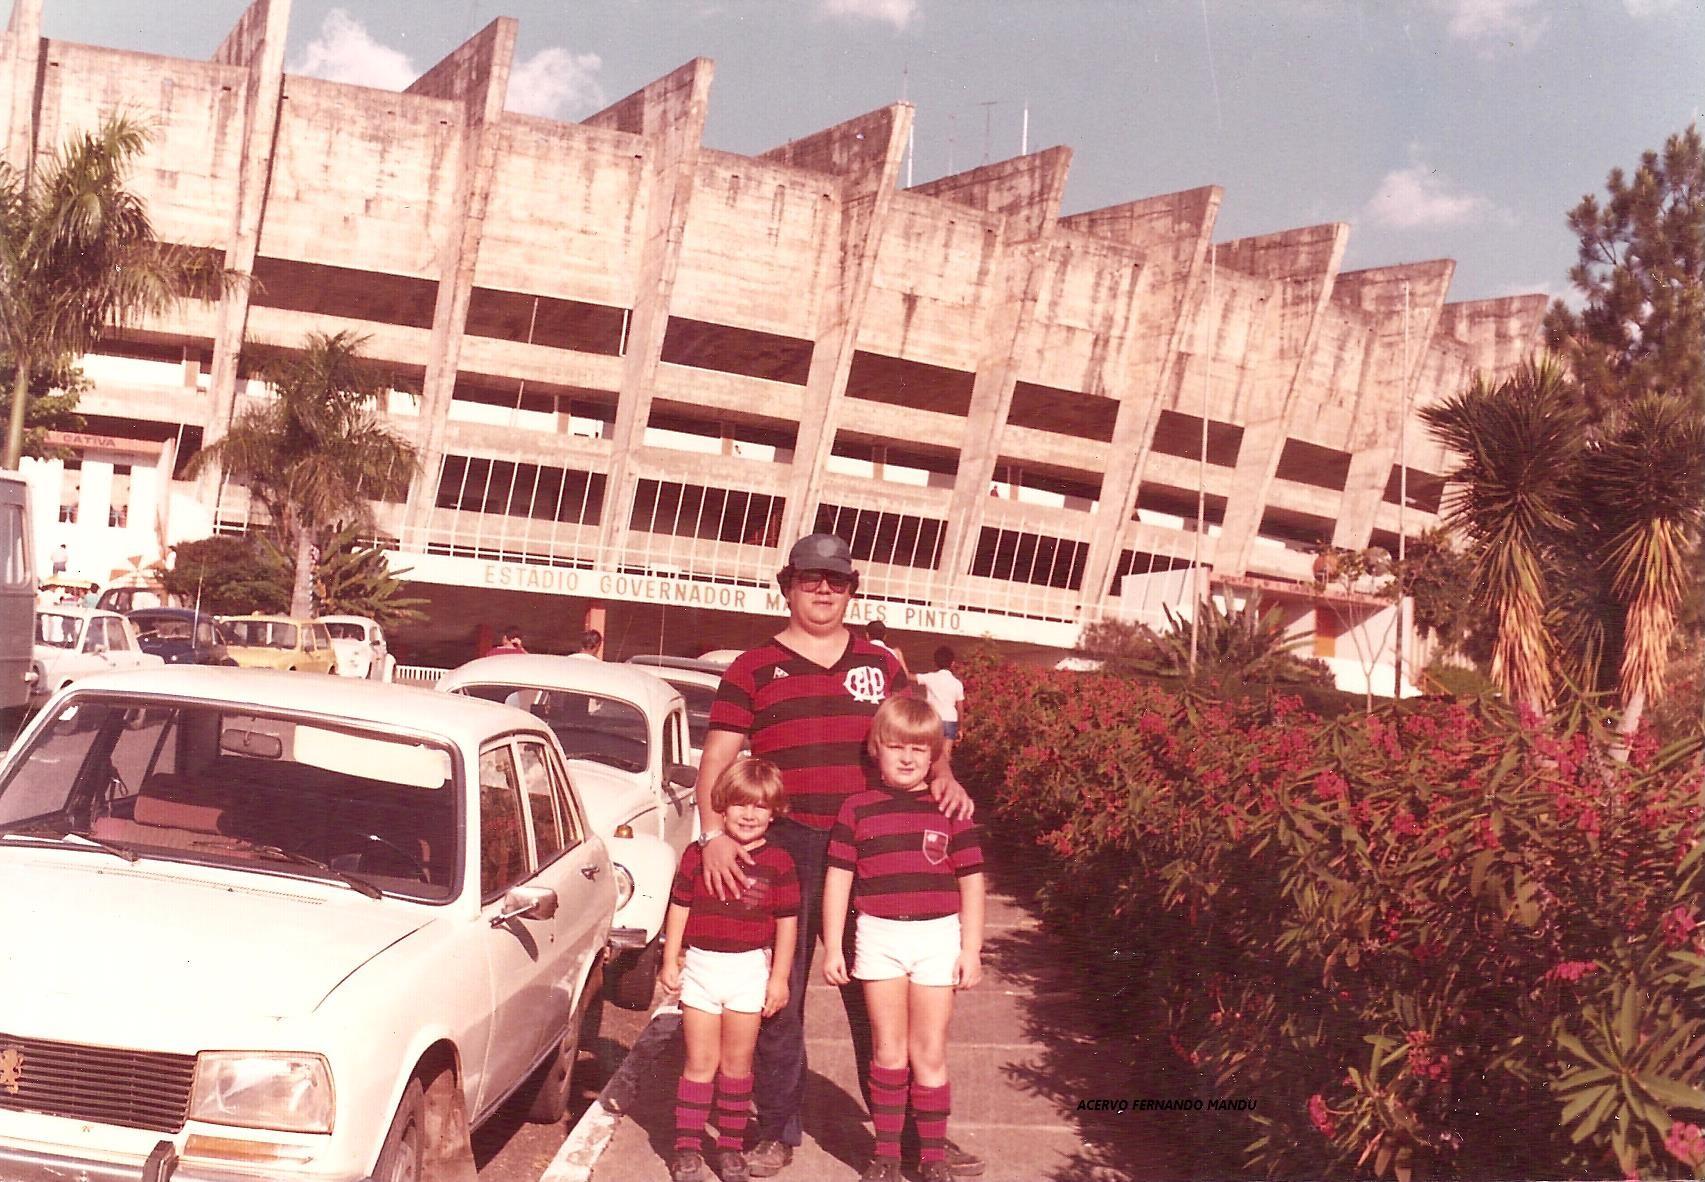 Fernando também levou os filhos para Belo Horizonte, em um jogo do Athletico contra o Galo, no Mineirão (Arquivo Pessoal)